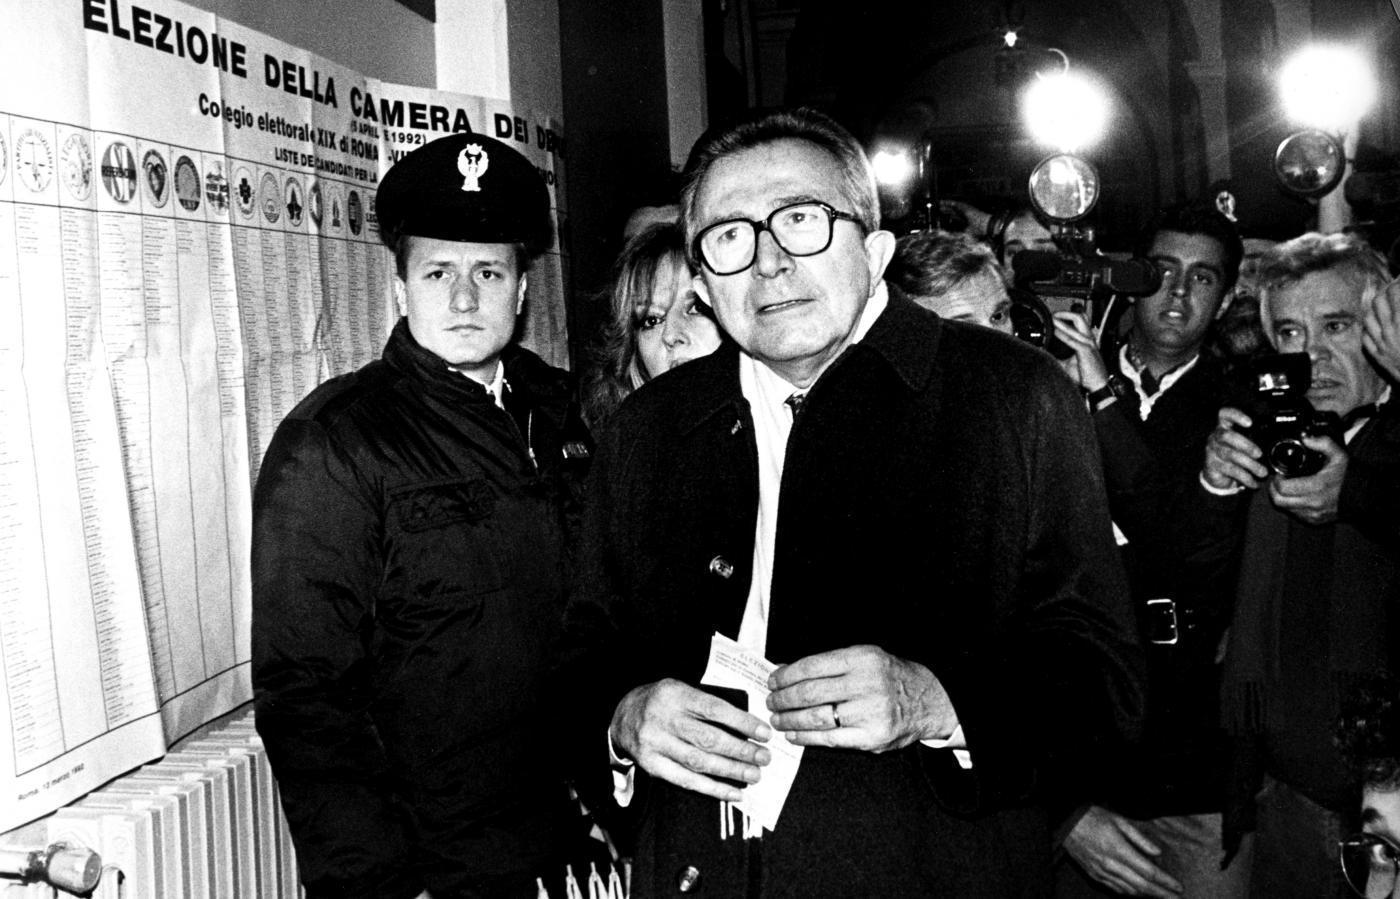 Giulio andreotti i segreti logorano chi non ce li ha il - Andreotti il divo ...